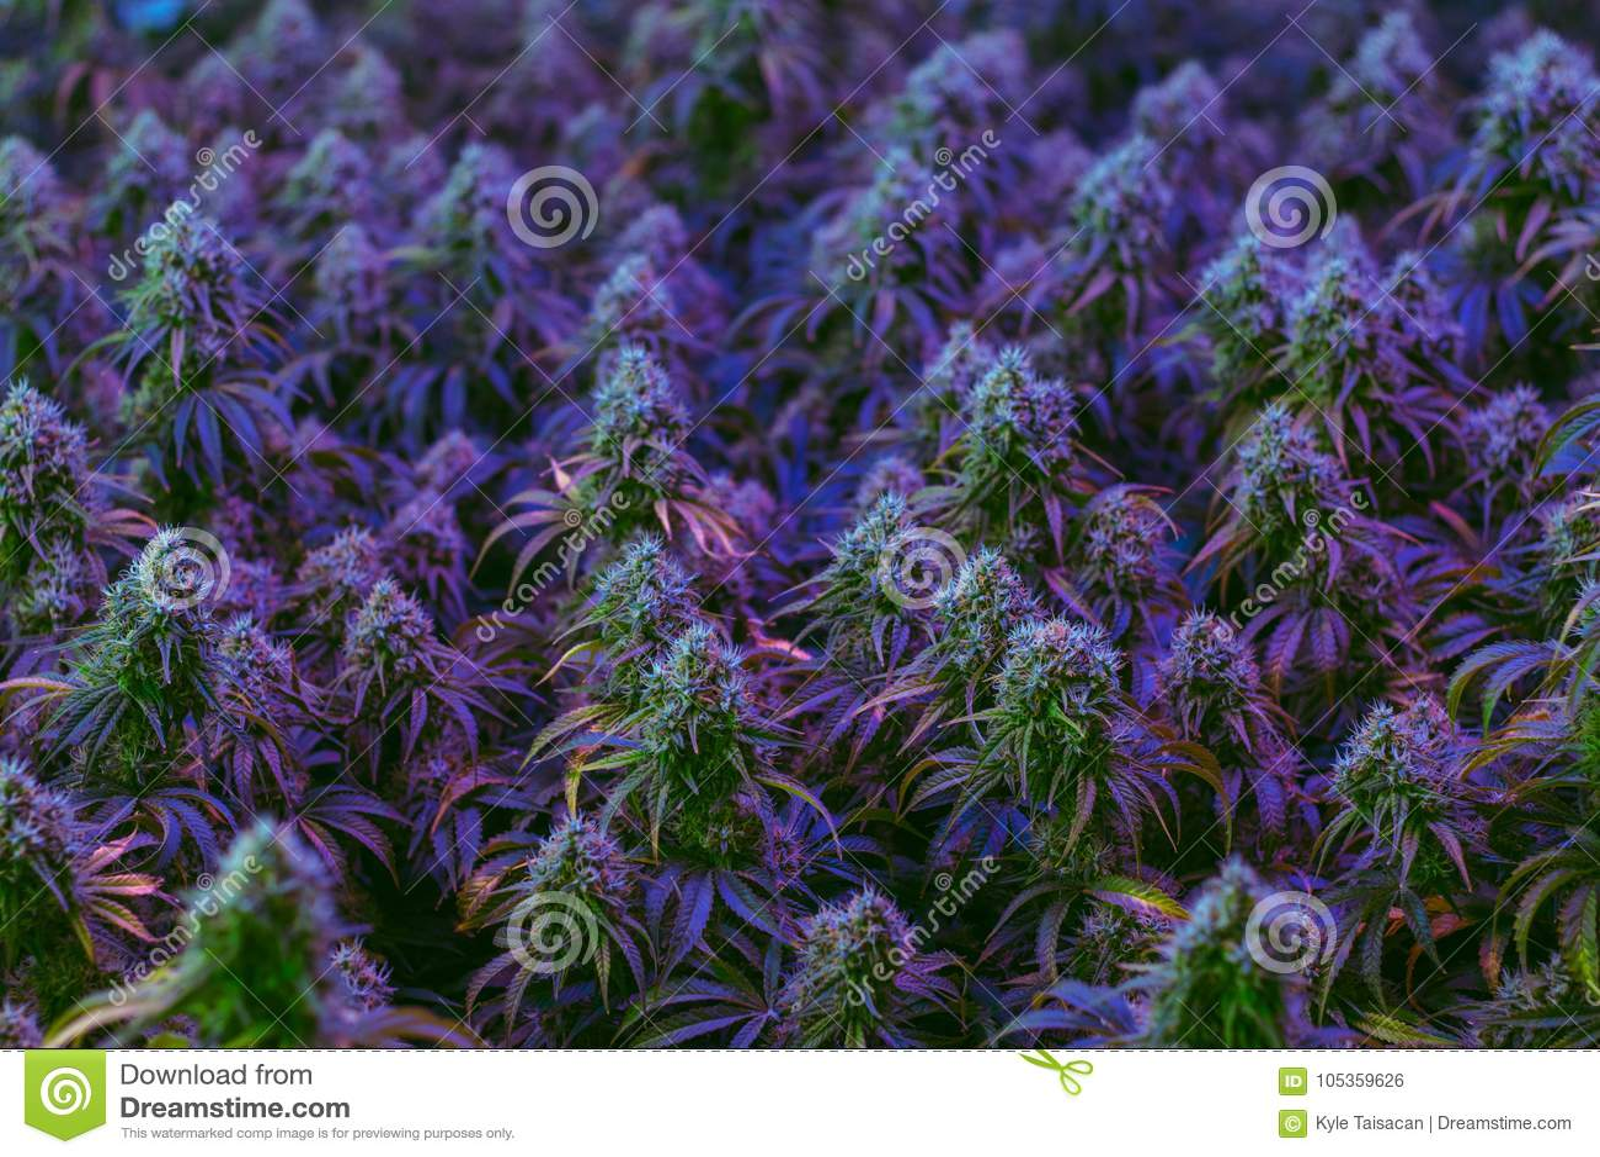 Det inomhus fältet av färgrika medicinska marijuanaväxter som odlas för alternativ sjukvård, ämnar